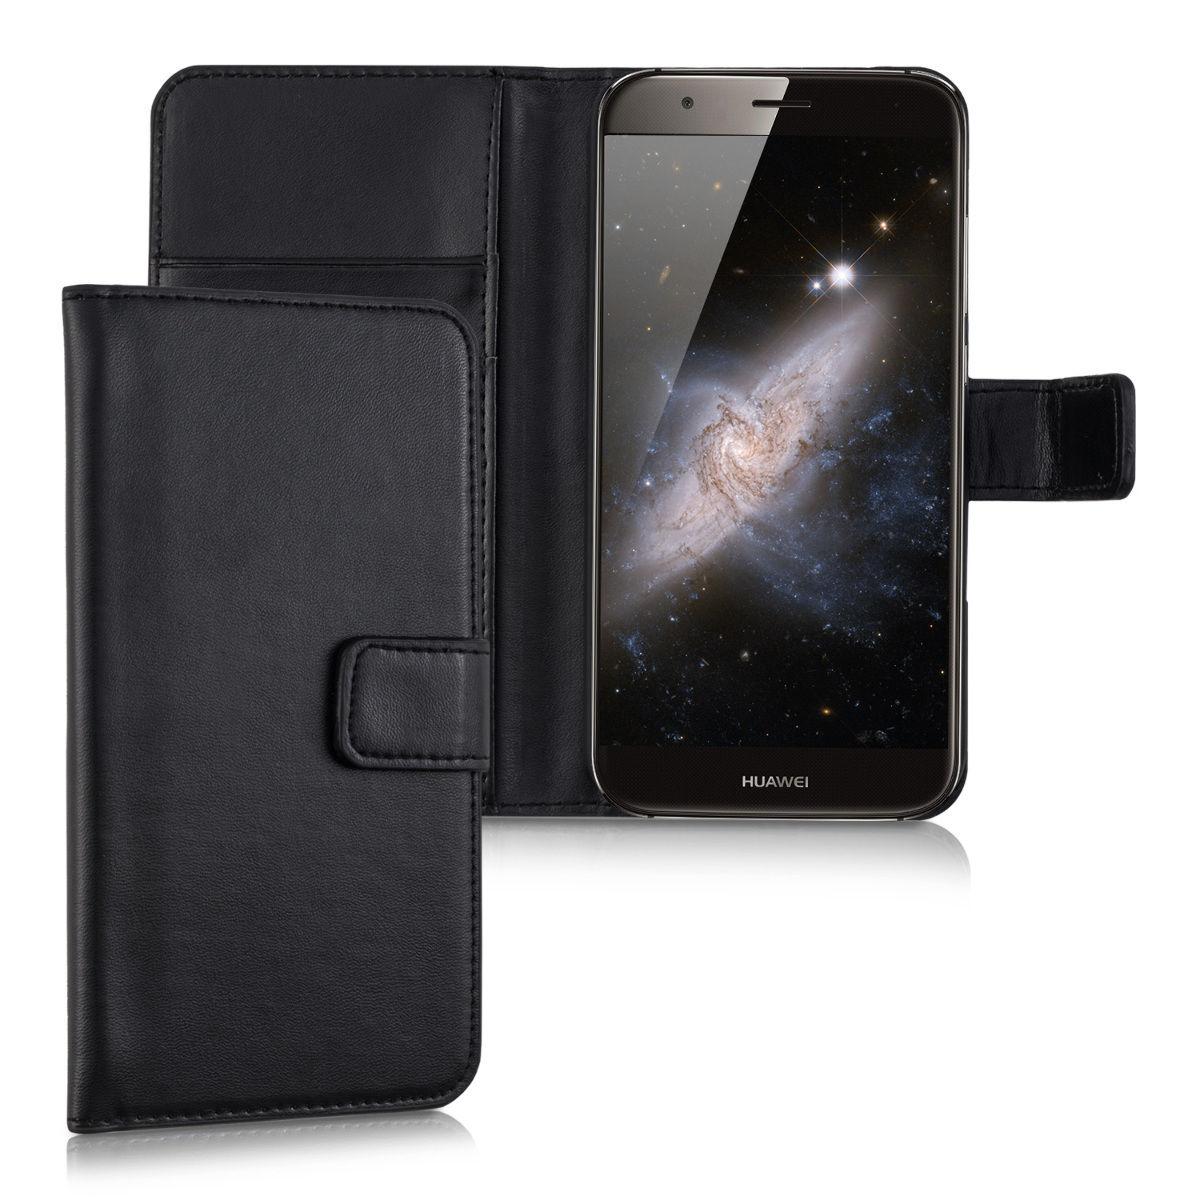 Pouzdro pro Huawei GX8 černé